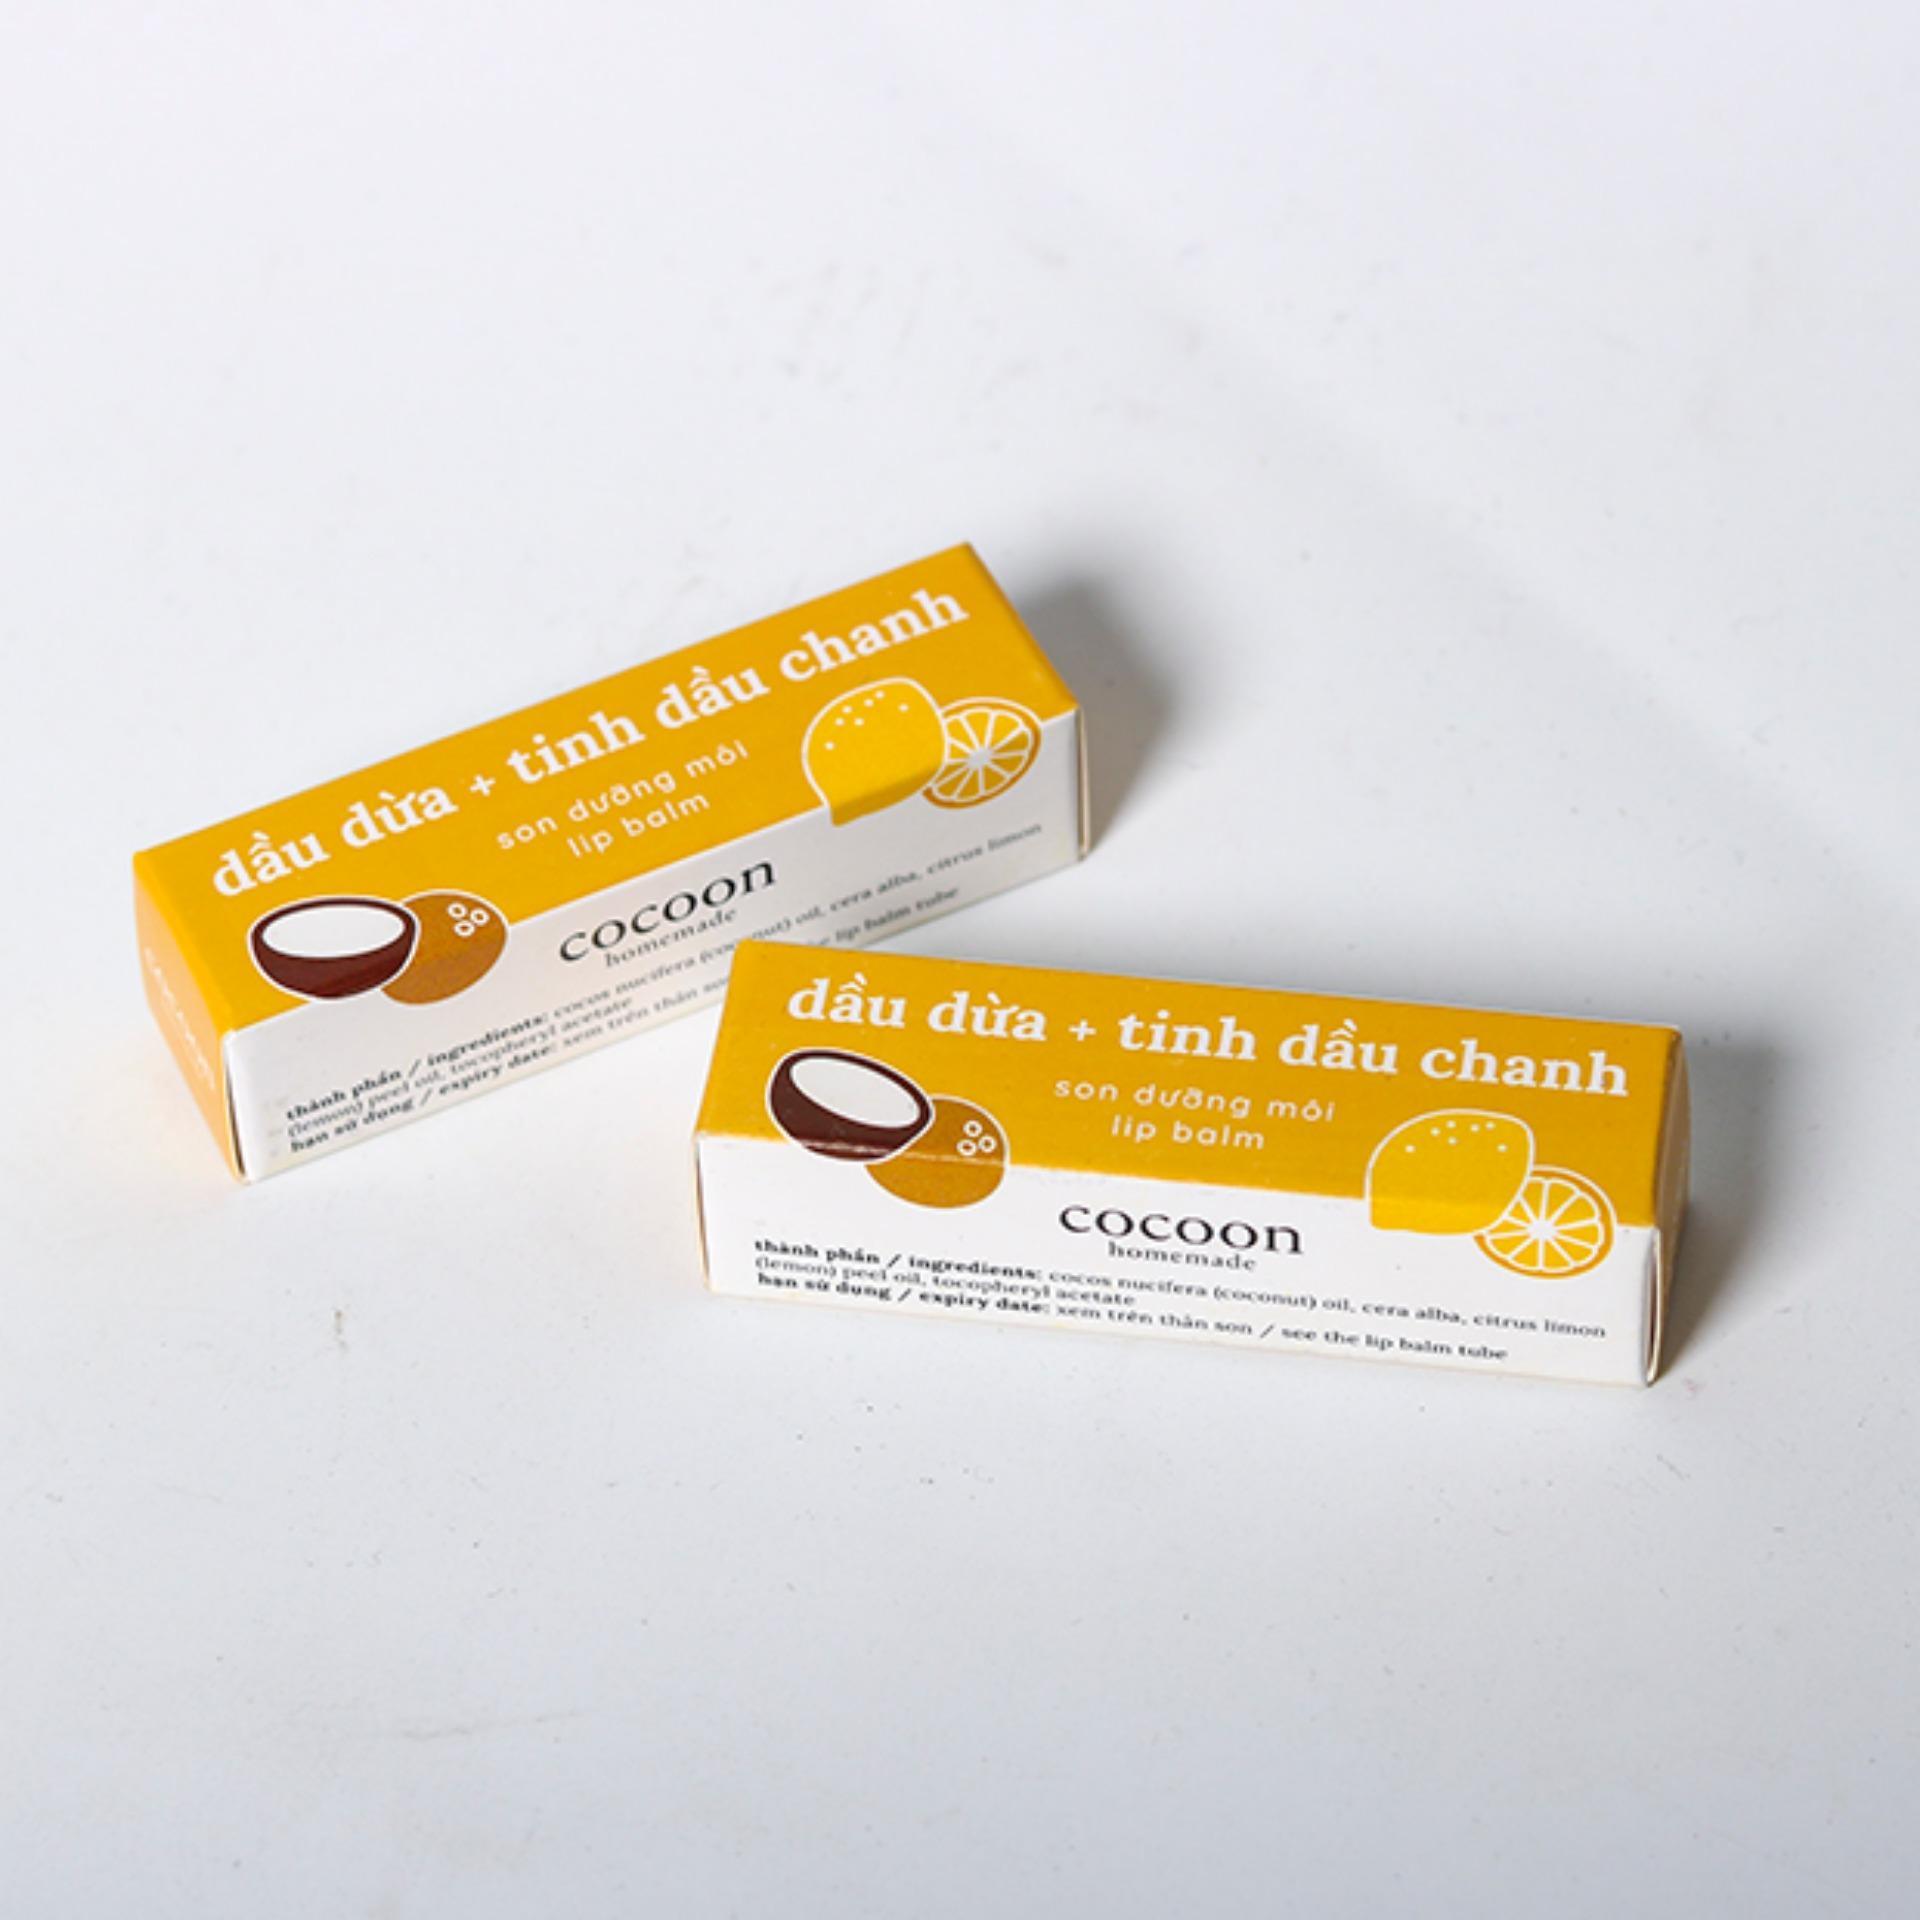 Bộ 2 thỏi Son dưỡng môi cocoon, trị thâm, làm mềm môi tiết kiệm hơn